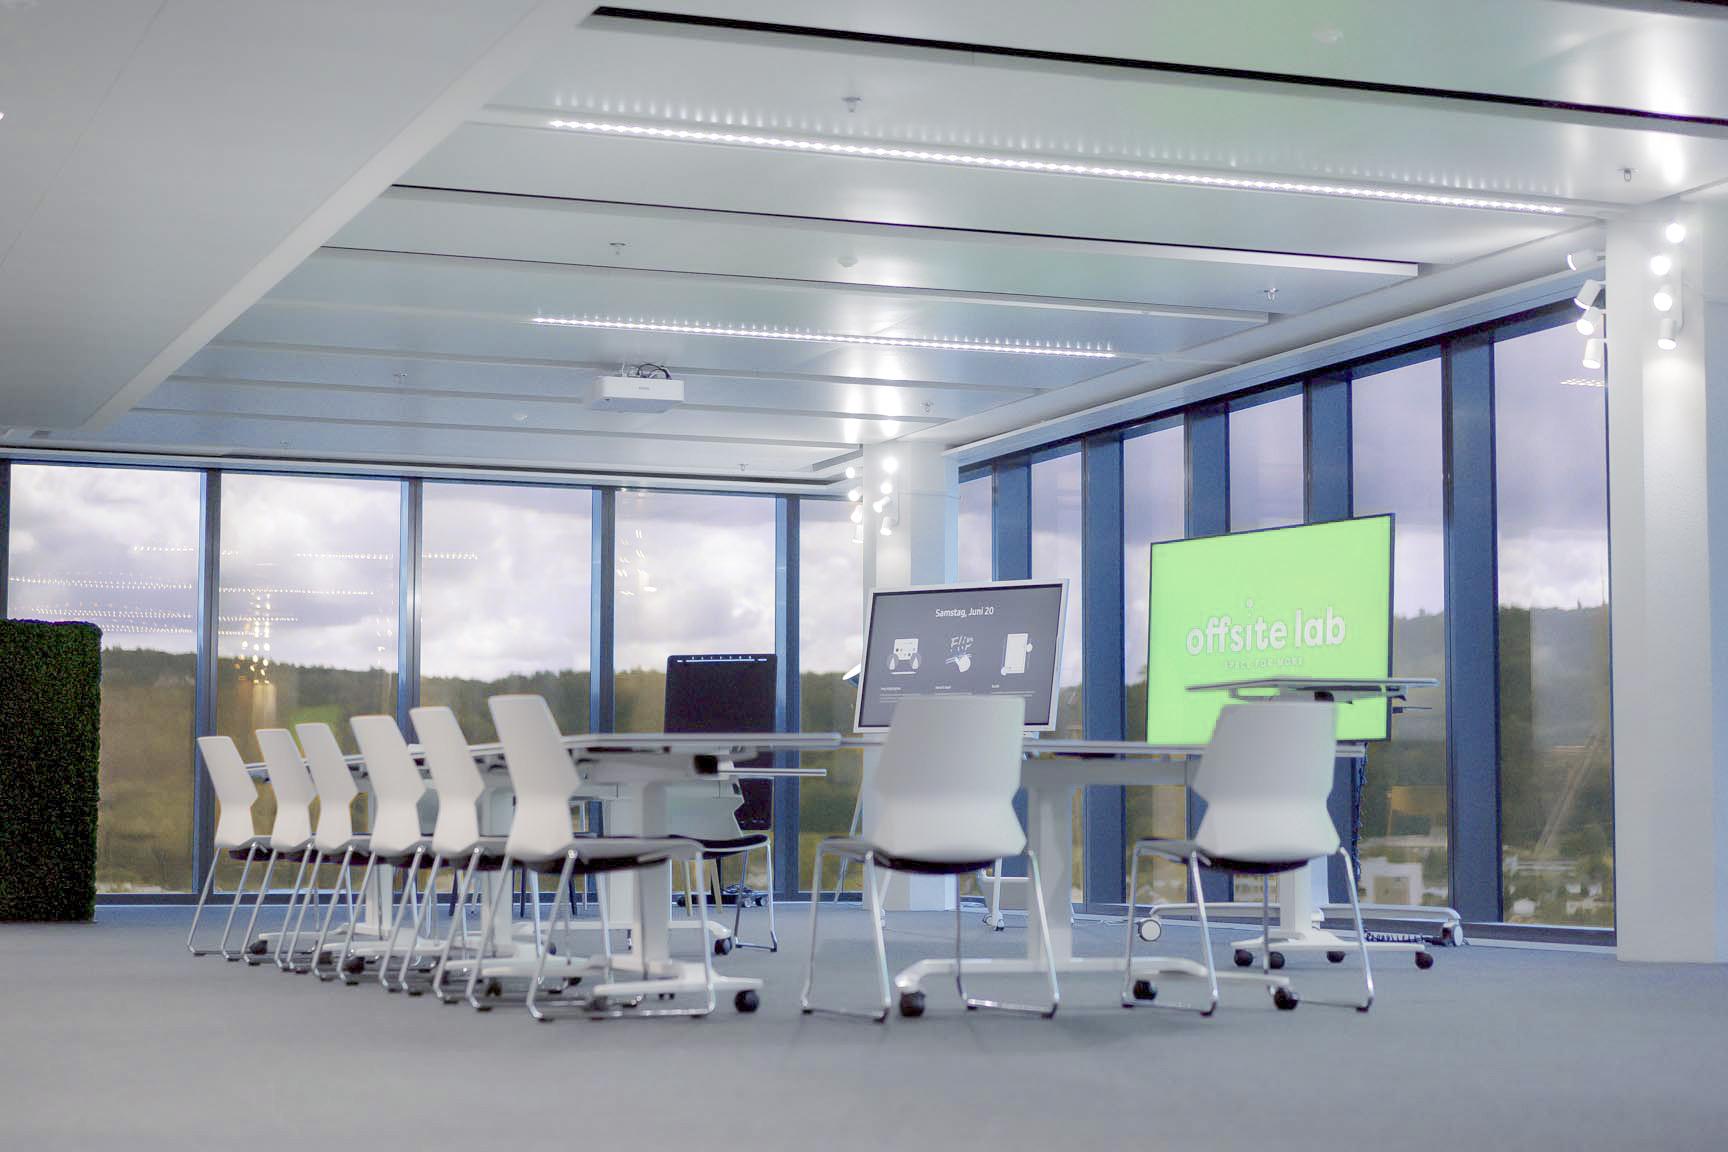 Büro und Event-Raum mit Arbeitsplätzen und Modluarem Aufbau mieten, günstig ind Wallisellen Glatt Tower, Büro im Glattzentrum, Richtiplatz